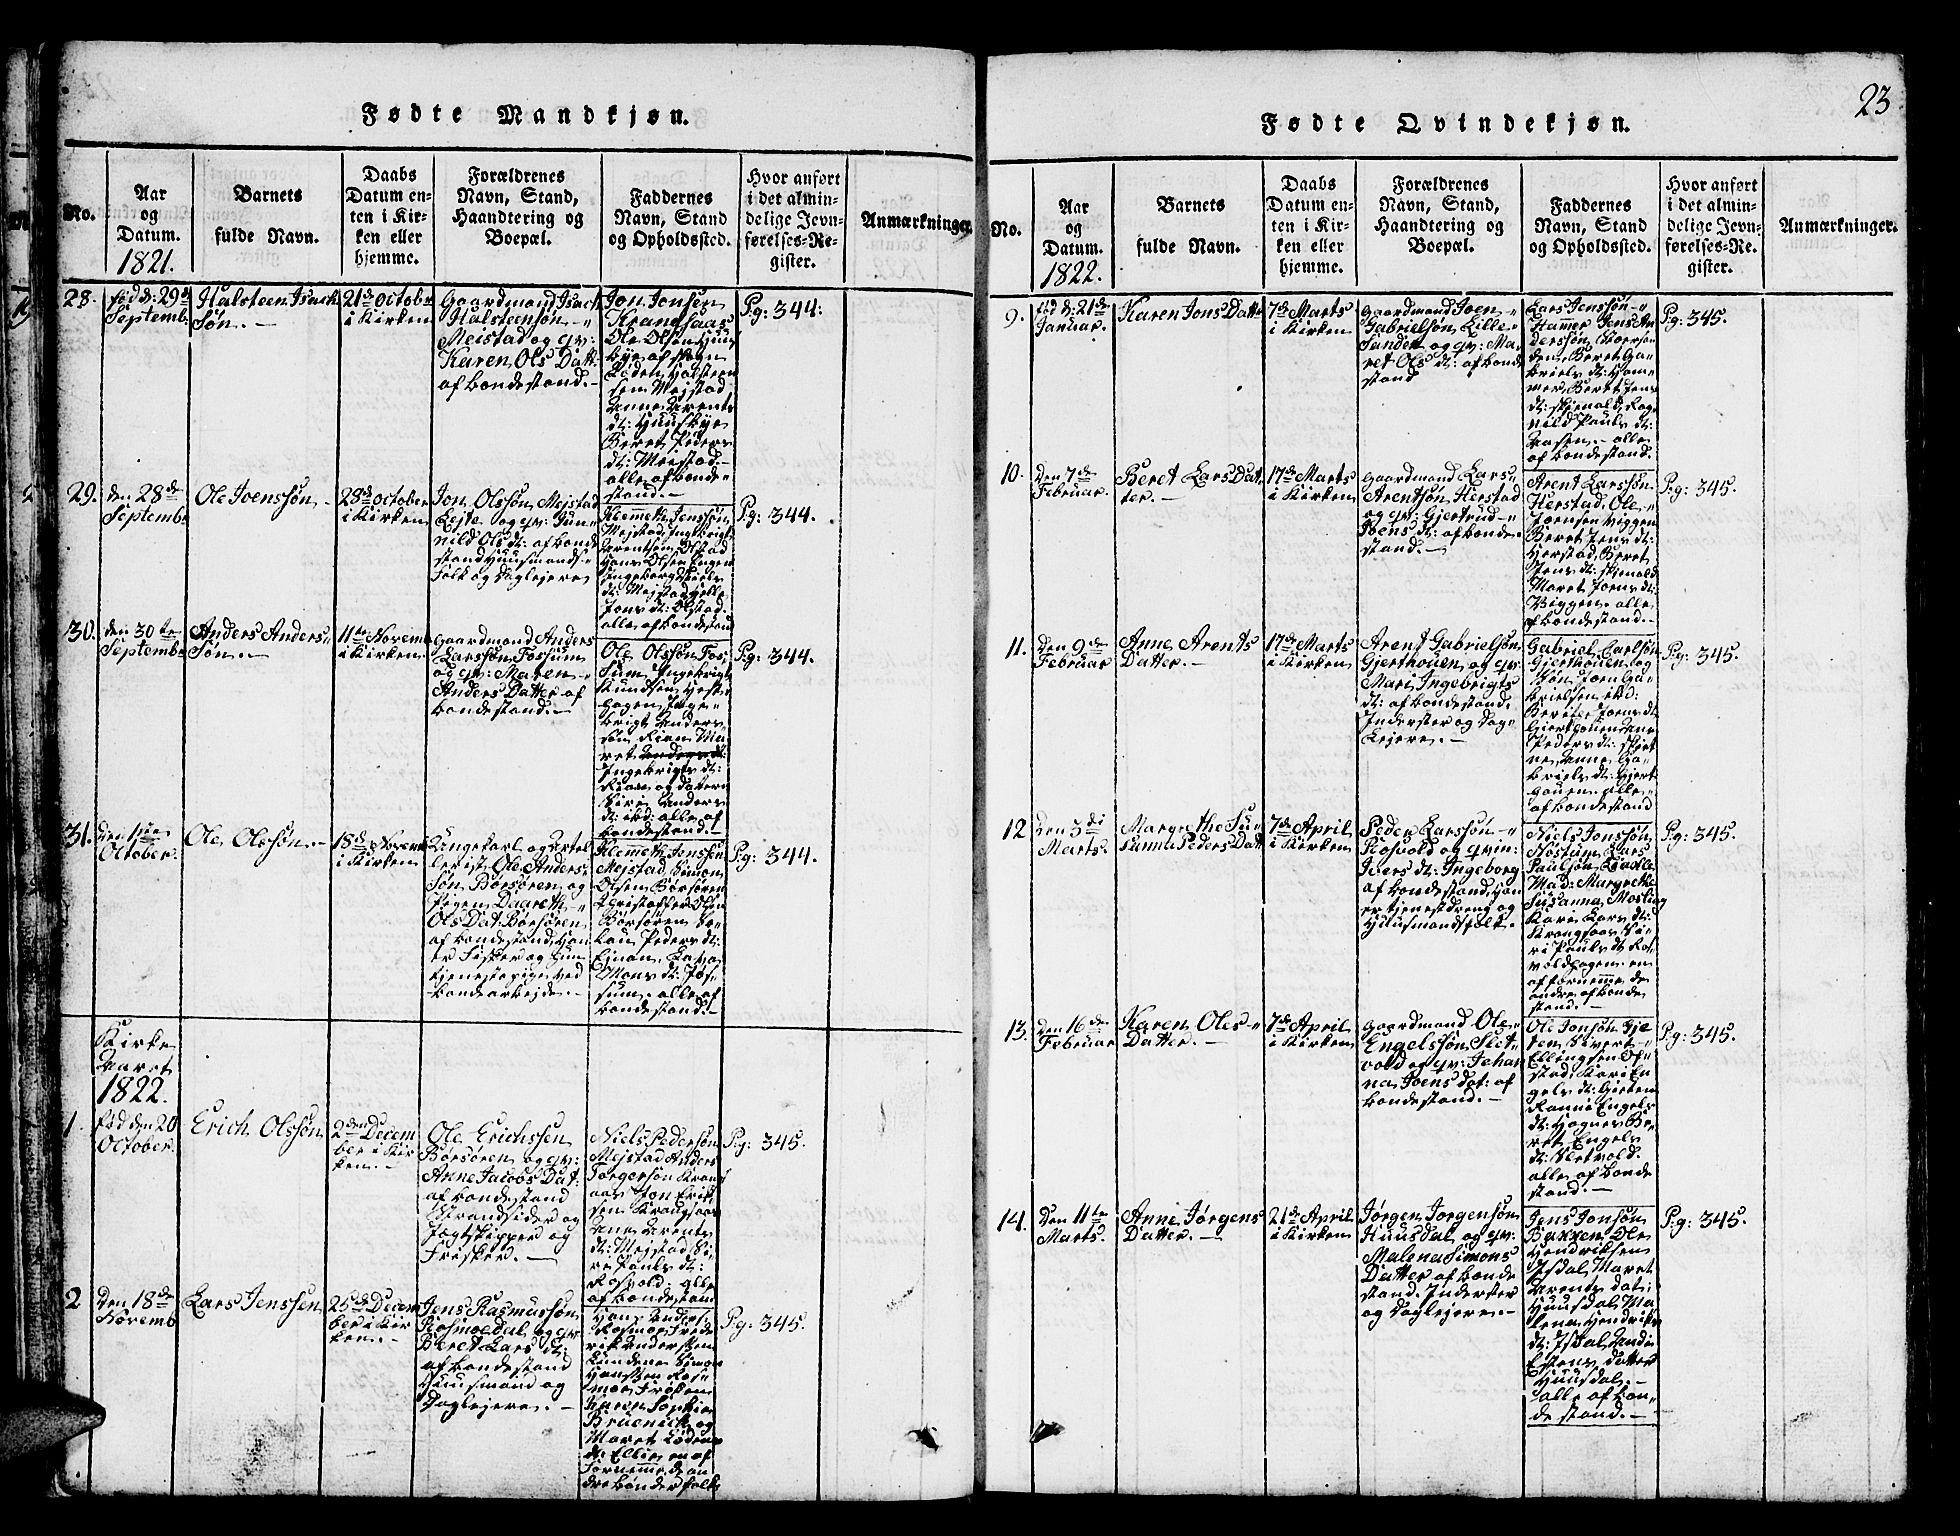 SAT, Ministerialprotokoller, klokkerbøker og fødselsregistre - Sør-Trøndelag, 665/L0776: Klokkerbok nr. 665C01, 1817-1837, s. 23